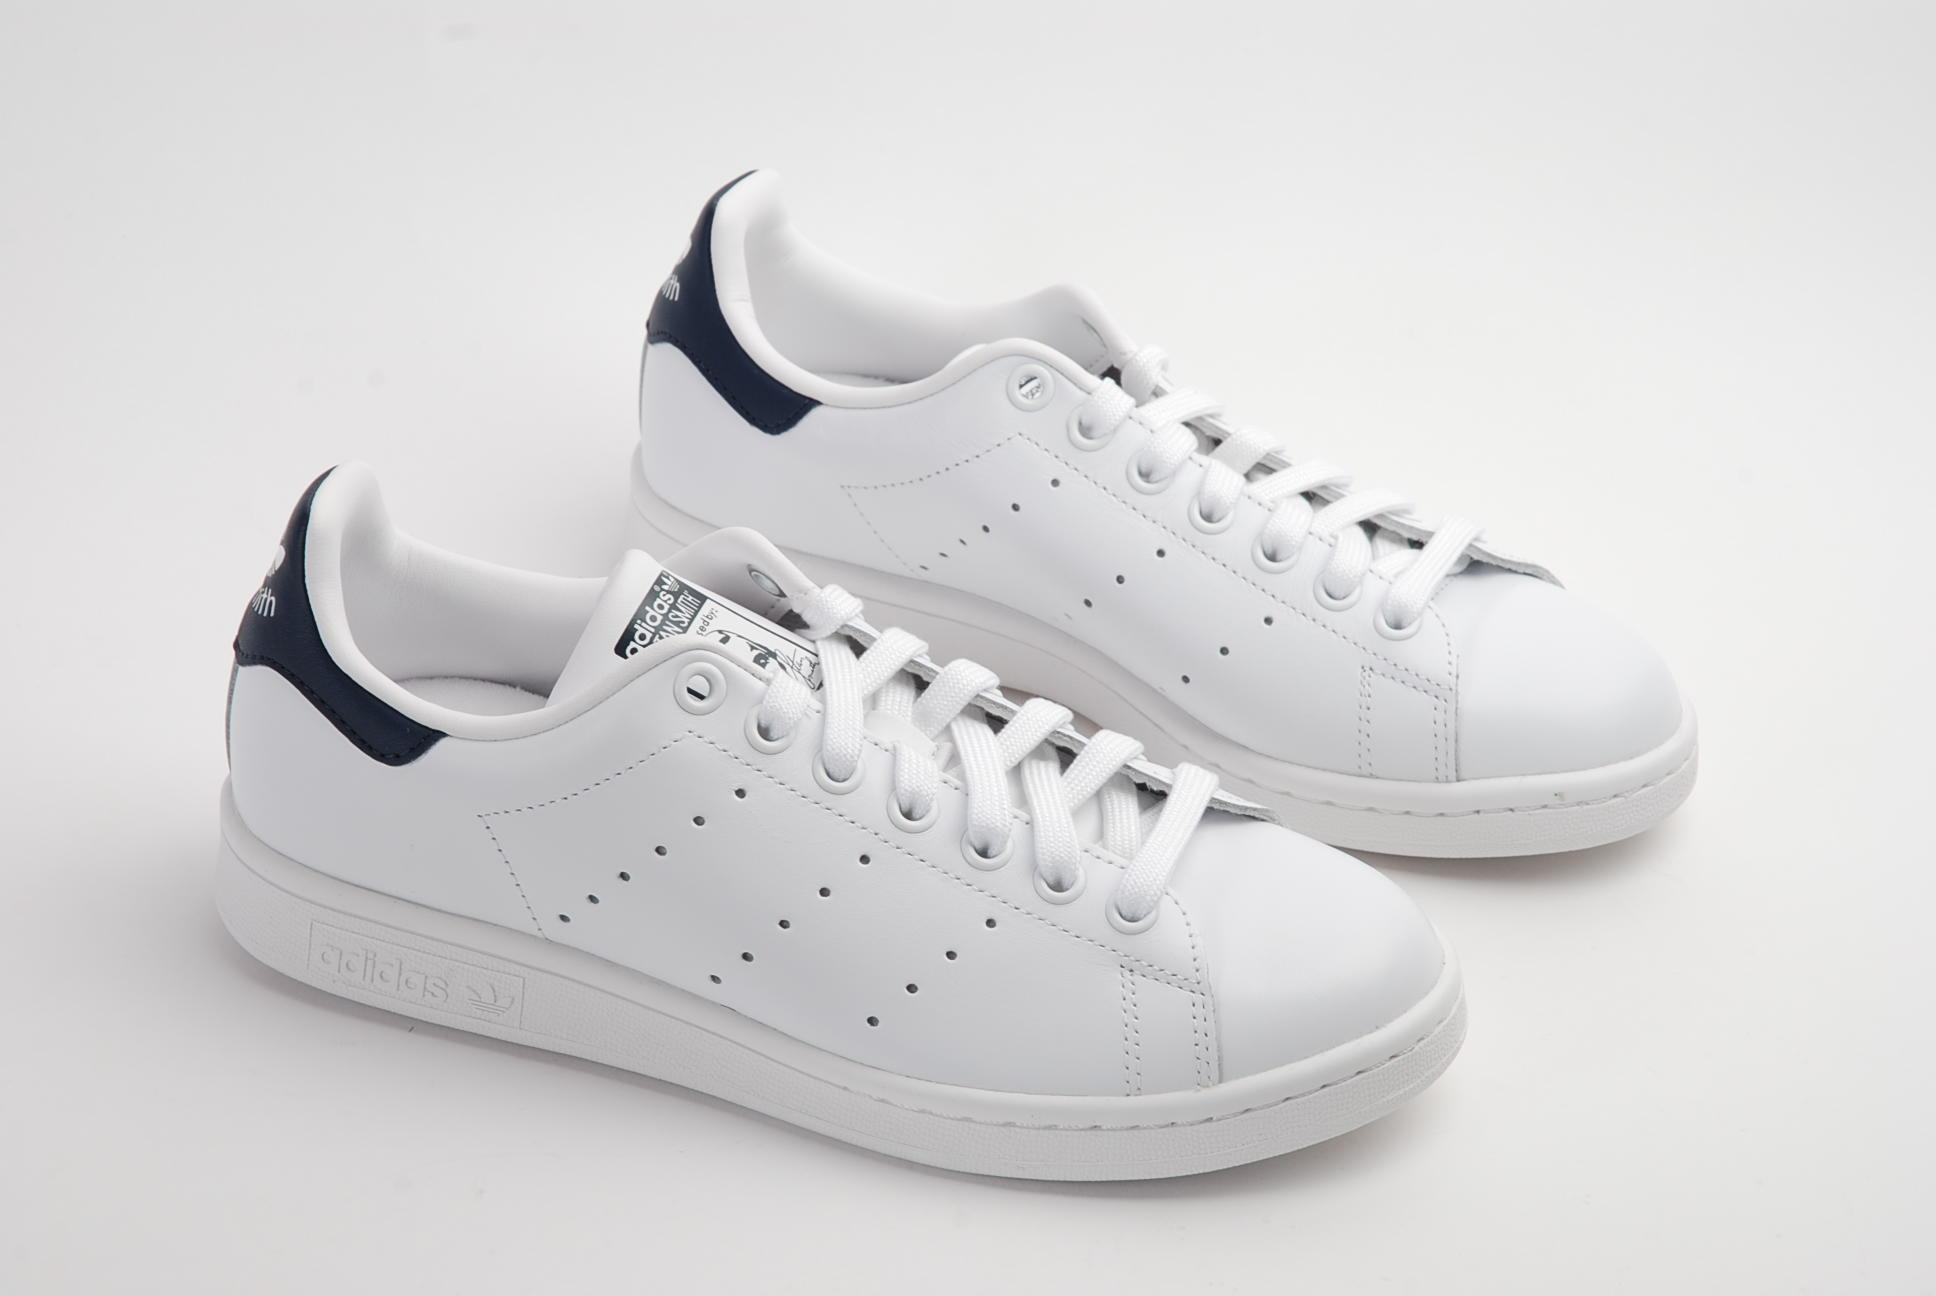 f9a86c966725b Promotion de groupe adidas stan smith femme blanche et bleu.Dédié à  économiser de l argent - www.stronycms.eu